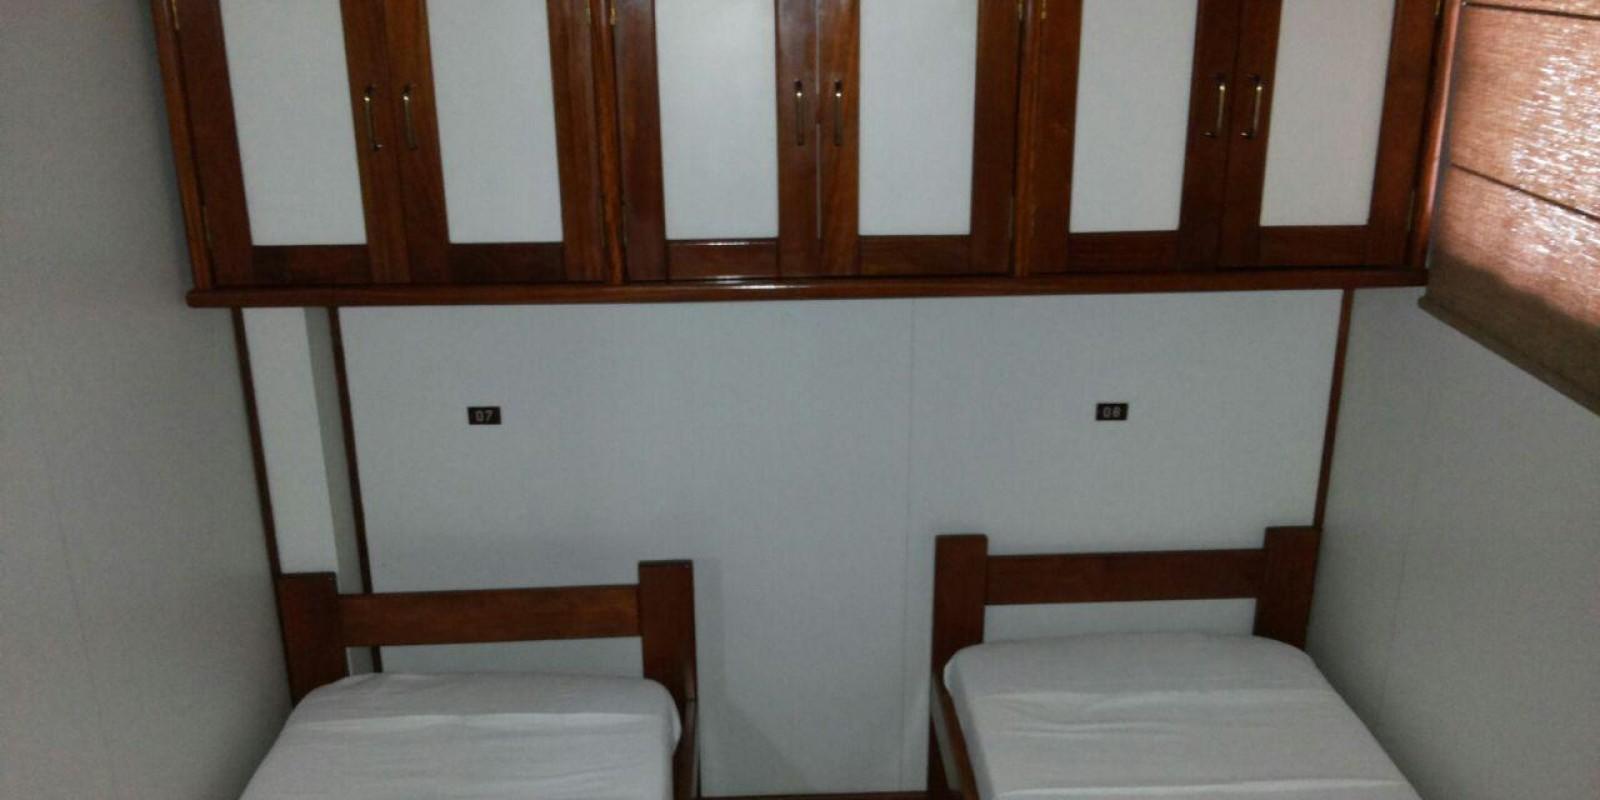 BARCO HOTEL AKAIA / CORUMBA - Foto 22 de 24